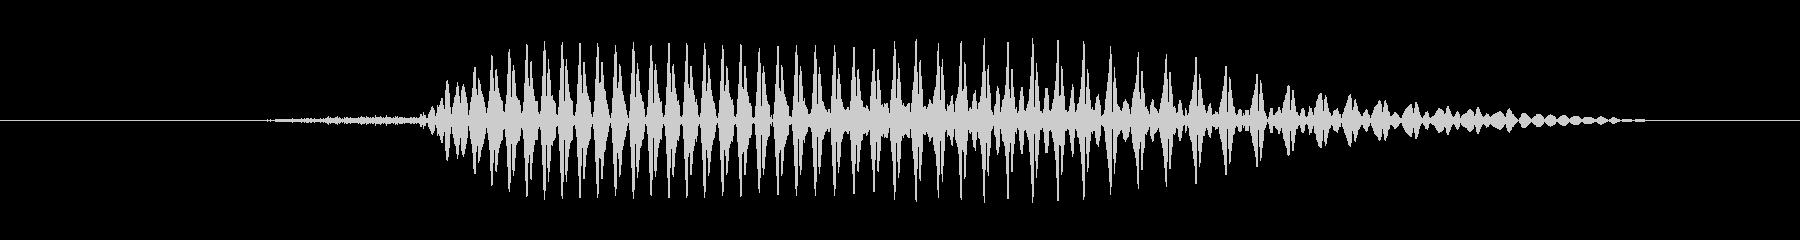 鳴き声 男性ため息をつく01の未再生の波形